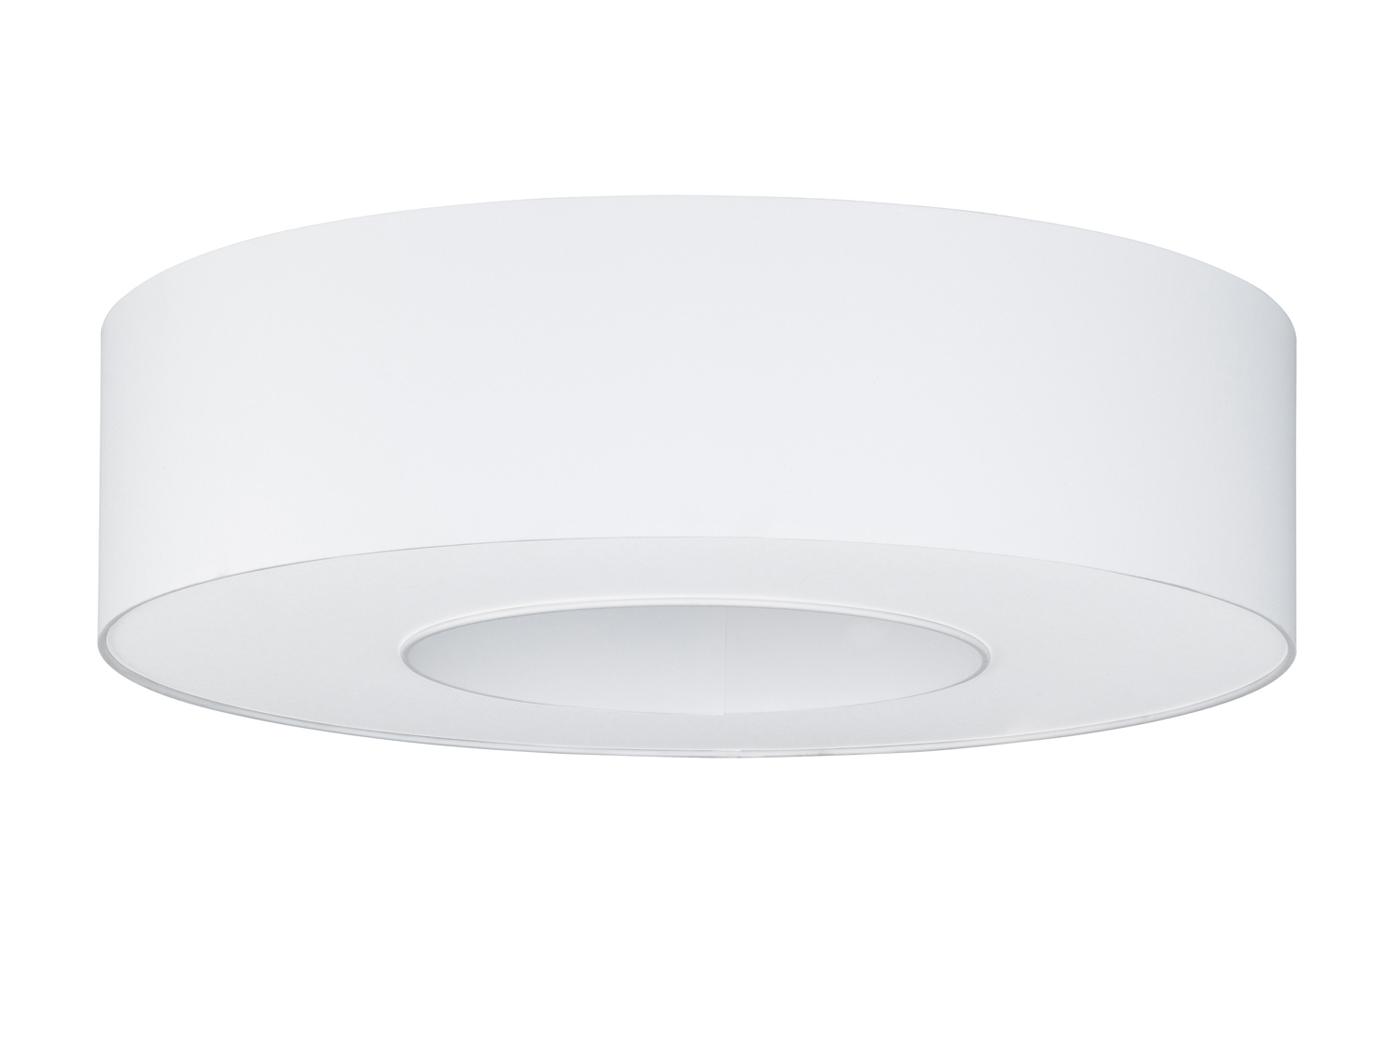 Techo moderna iluminación de tela blanco blanco tela pantalla al rojo edor de Ø 65cm-externamente regulable-lámpara 4e77f0